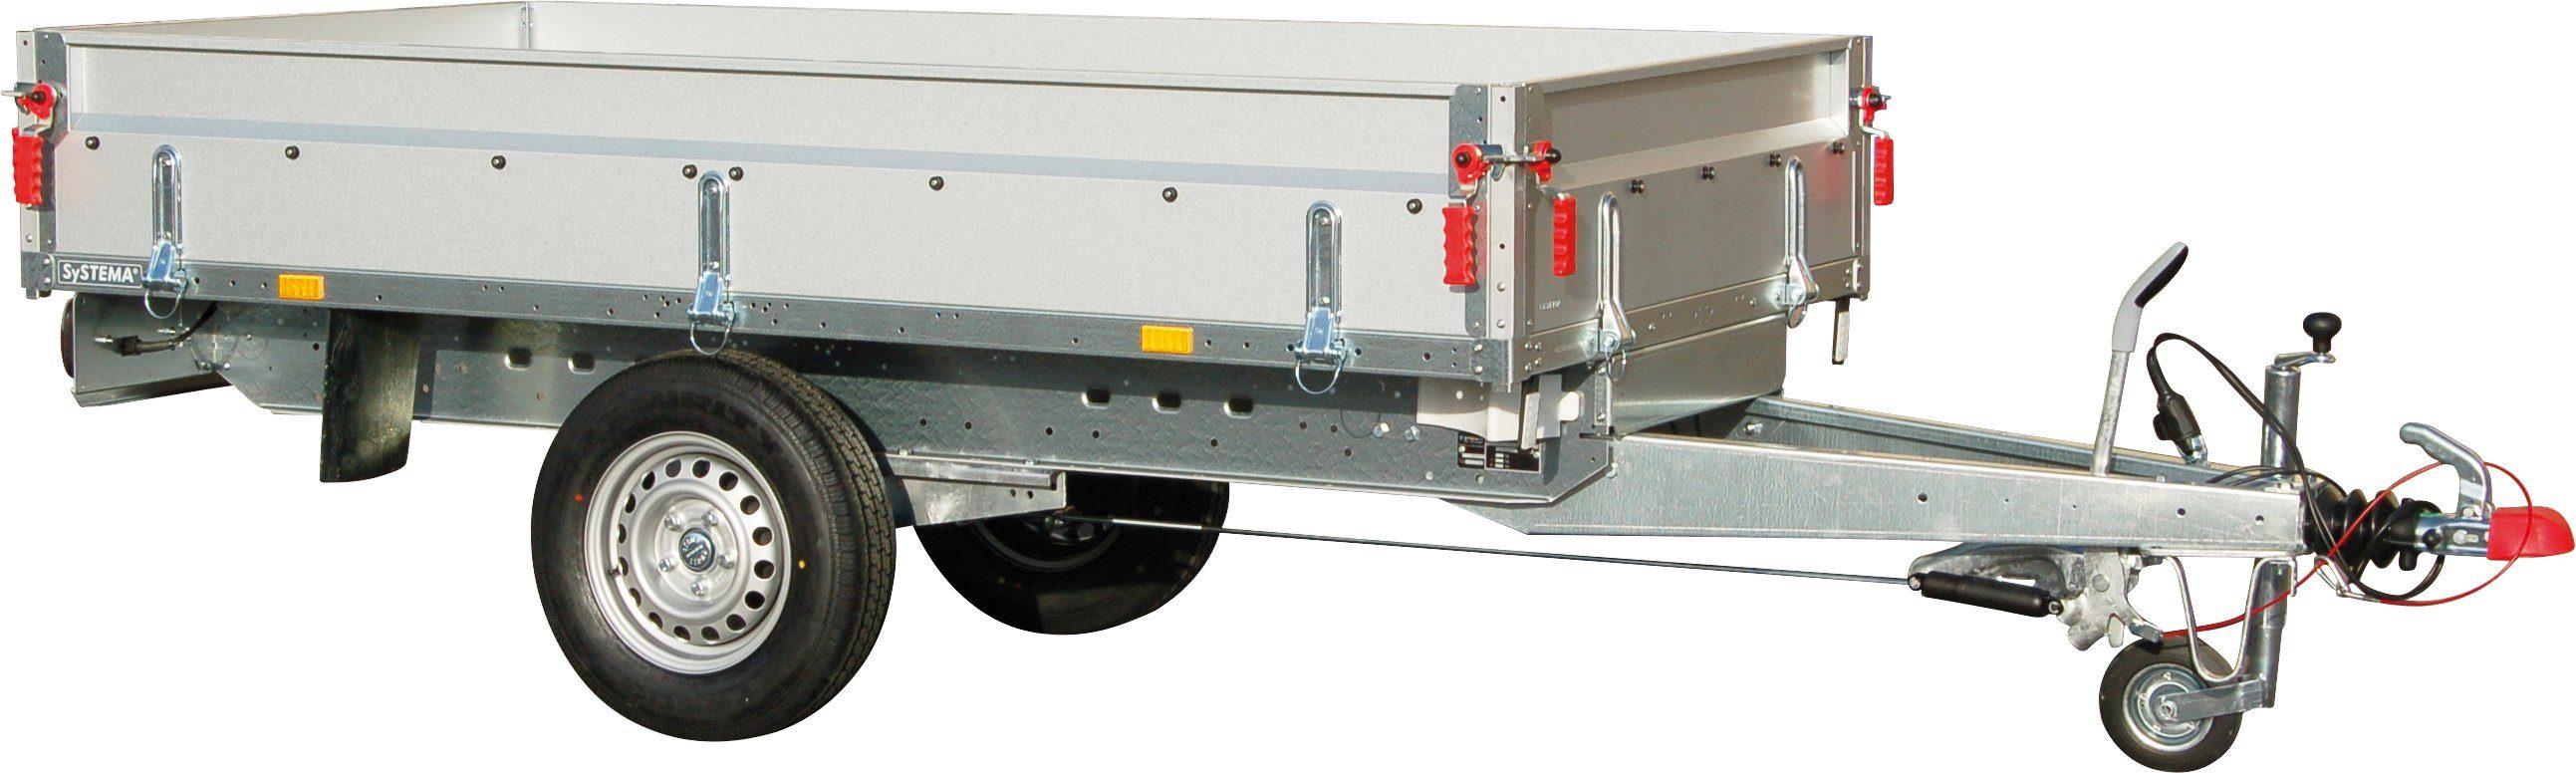 PKW-Anhänger »BASIC SH 1300-25-13«